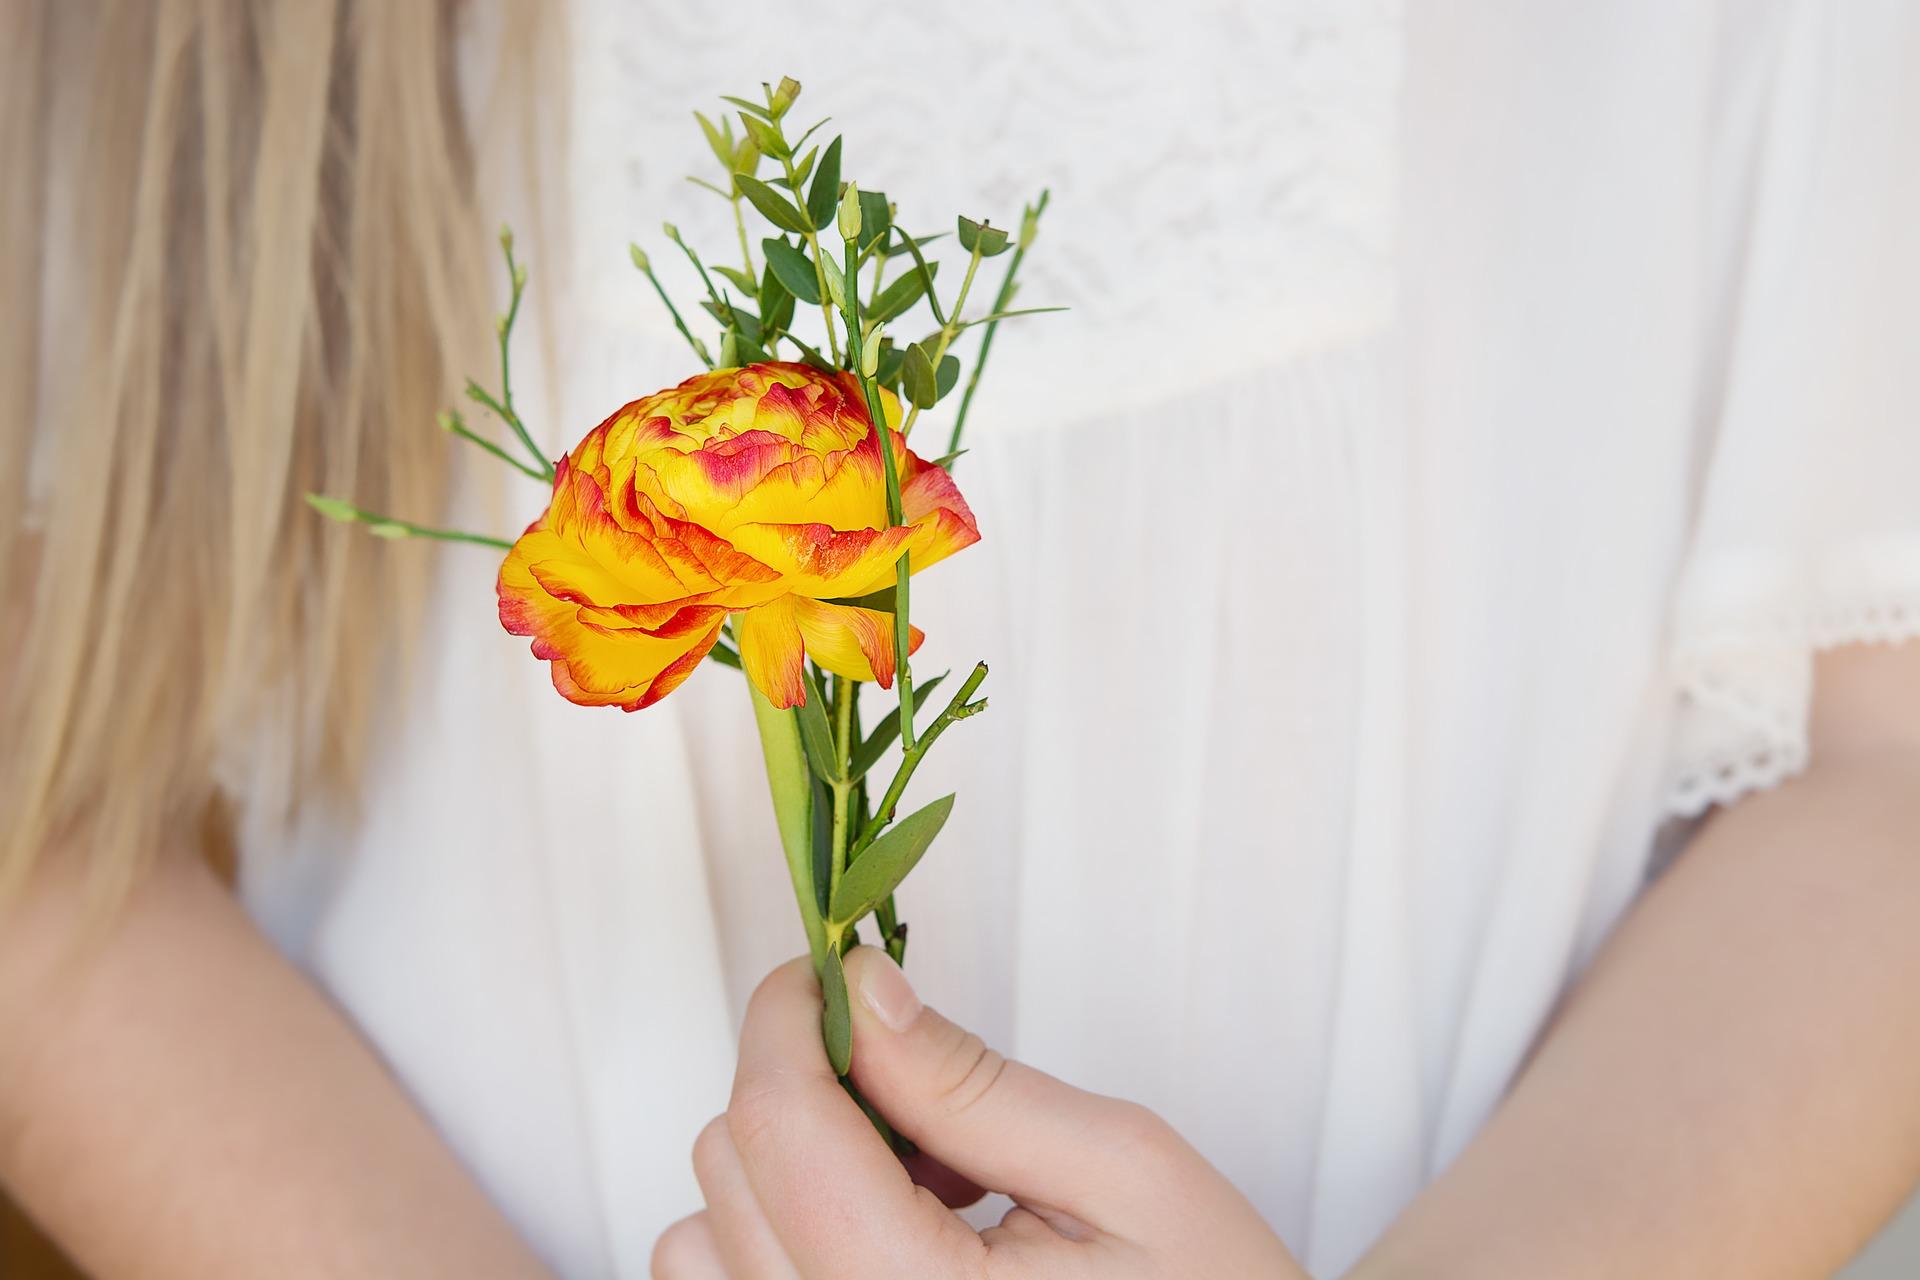 flower-1258744_1920